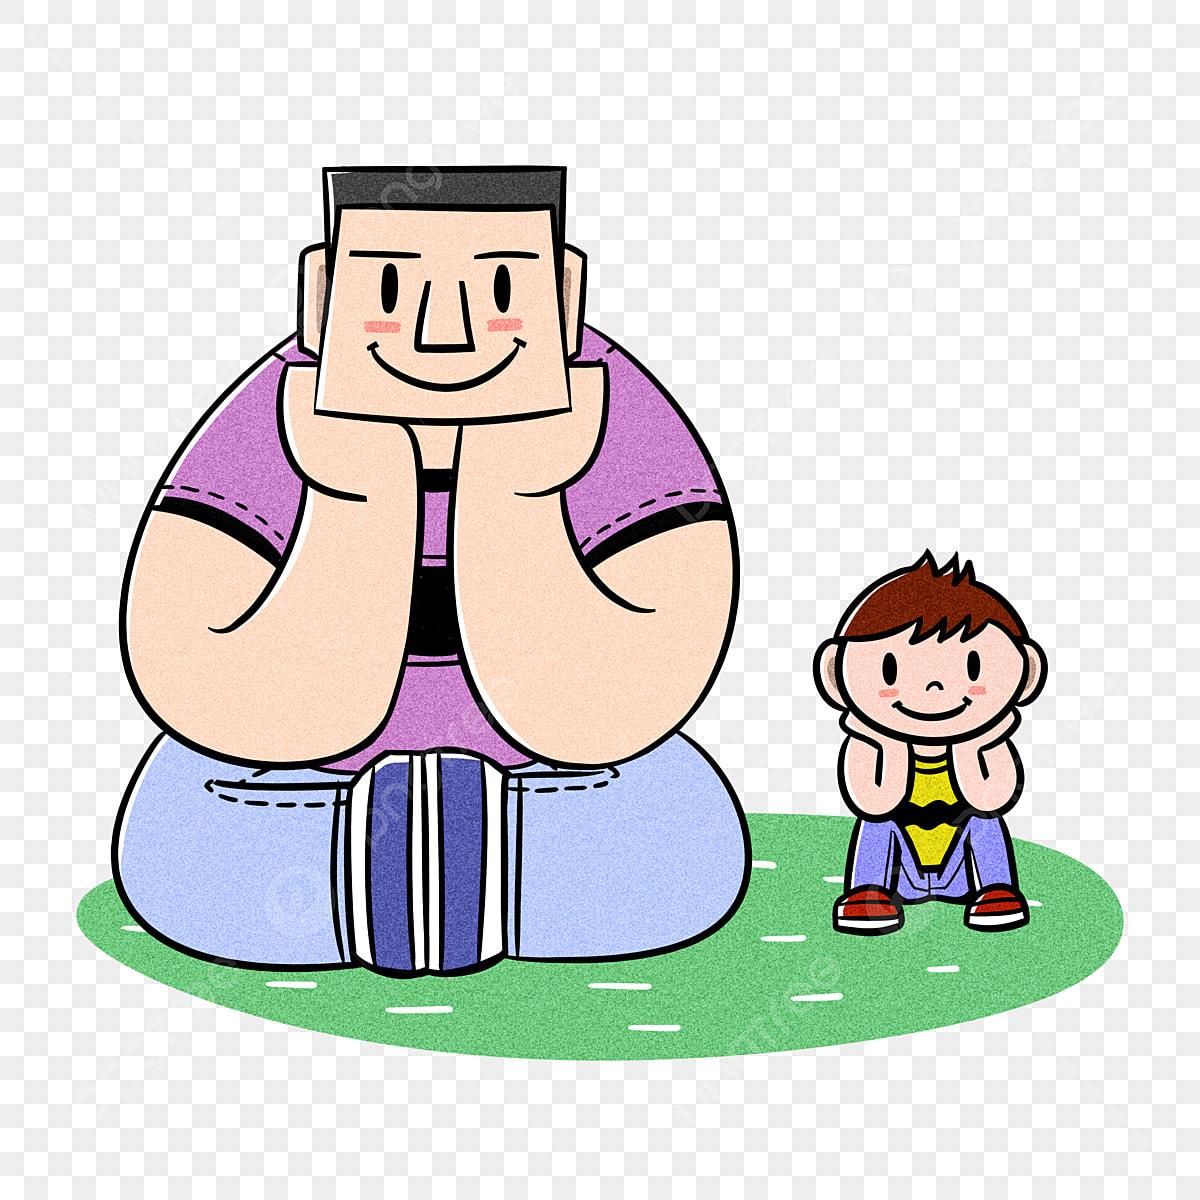 Kartun Bapa Bapa Bapa Dan Anak Bapa Kartun Dan Anak Bapa